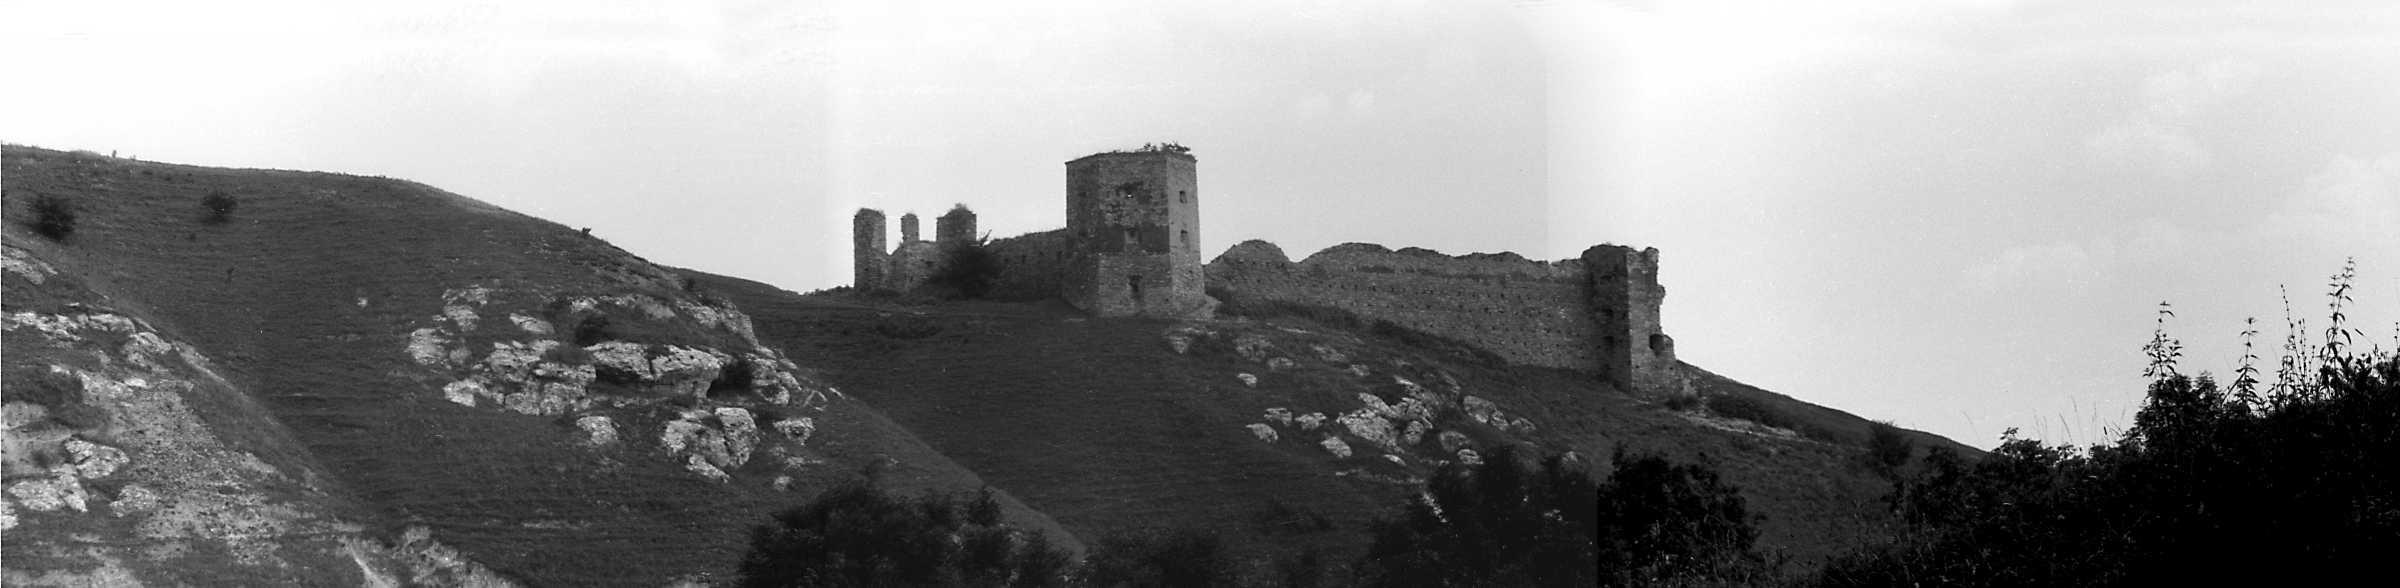 1991 р. Панорама із заходу